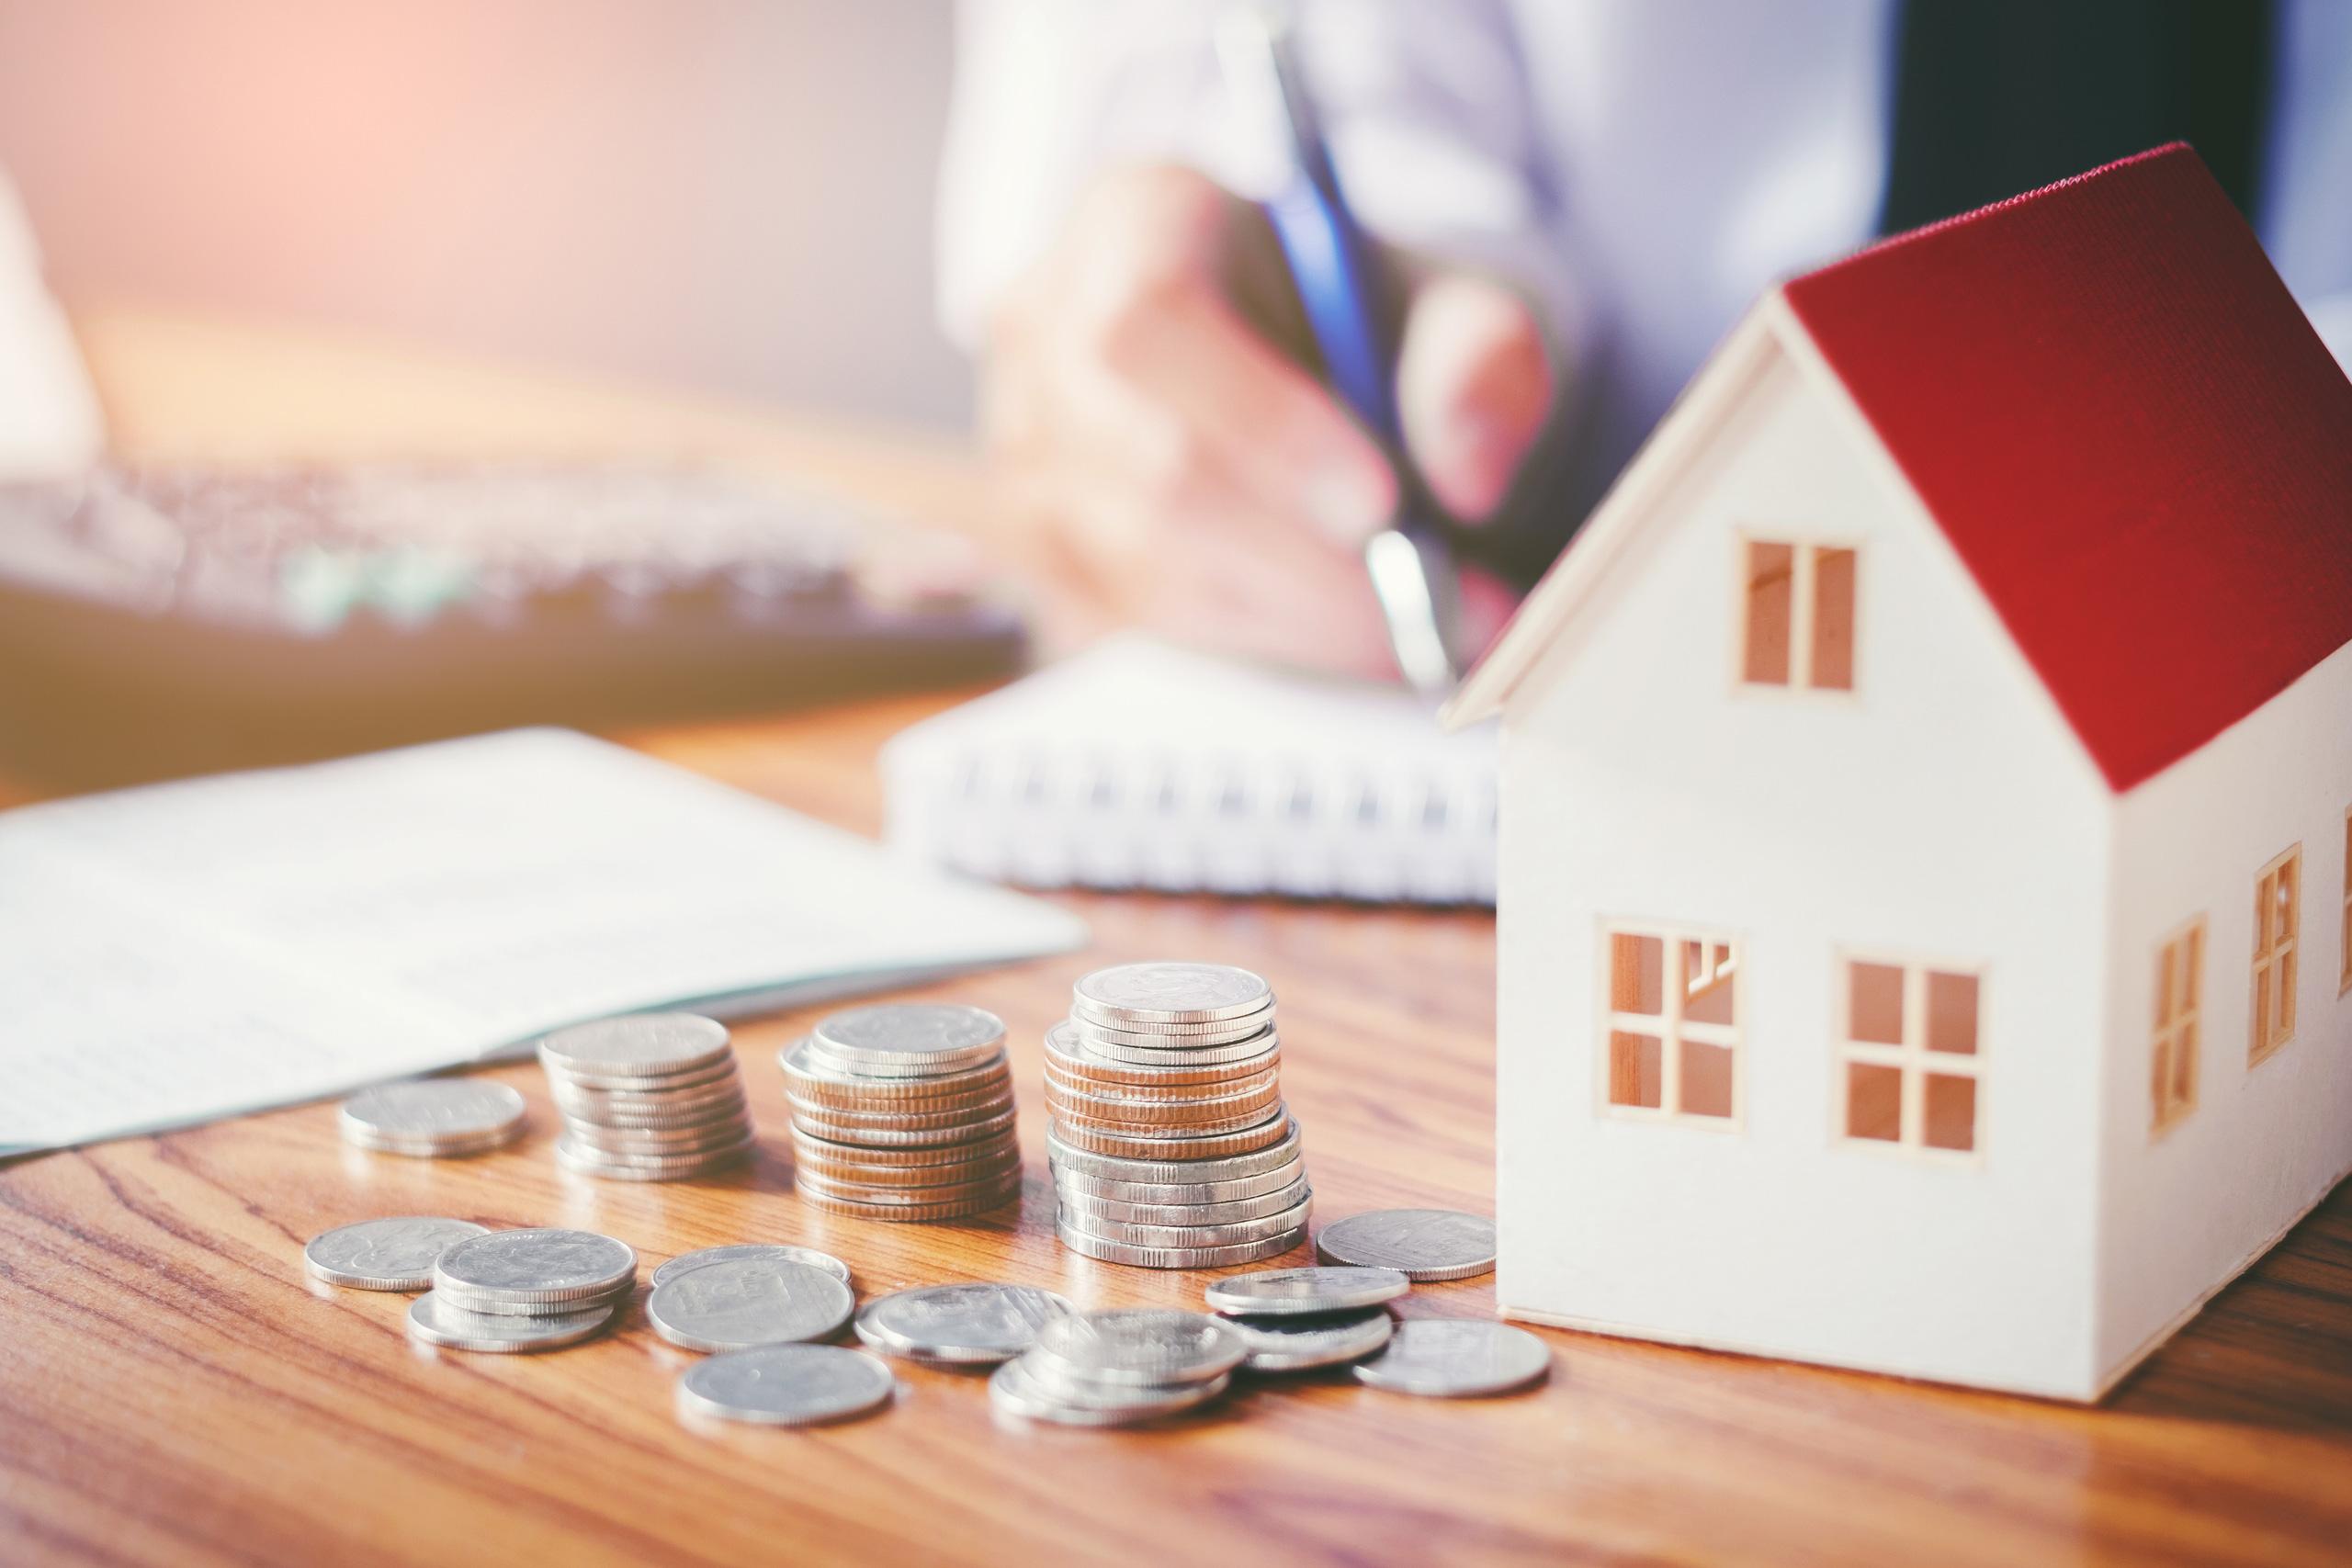 Tham khảo các mẫu hợp đồng mua bán đất đầy đủ, mới nhất  - Ảnh 2.